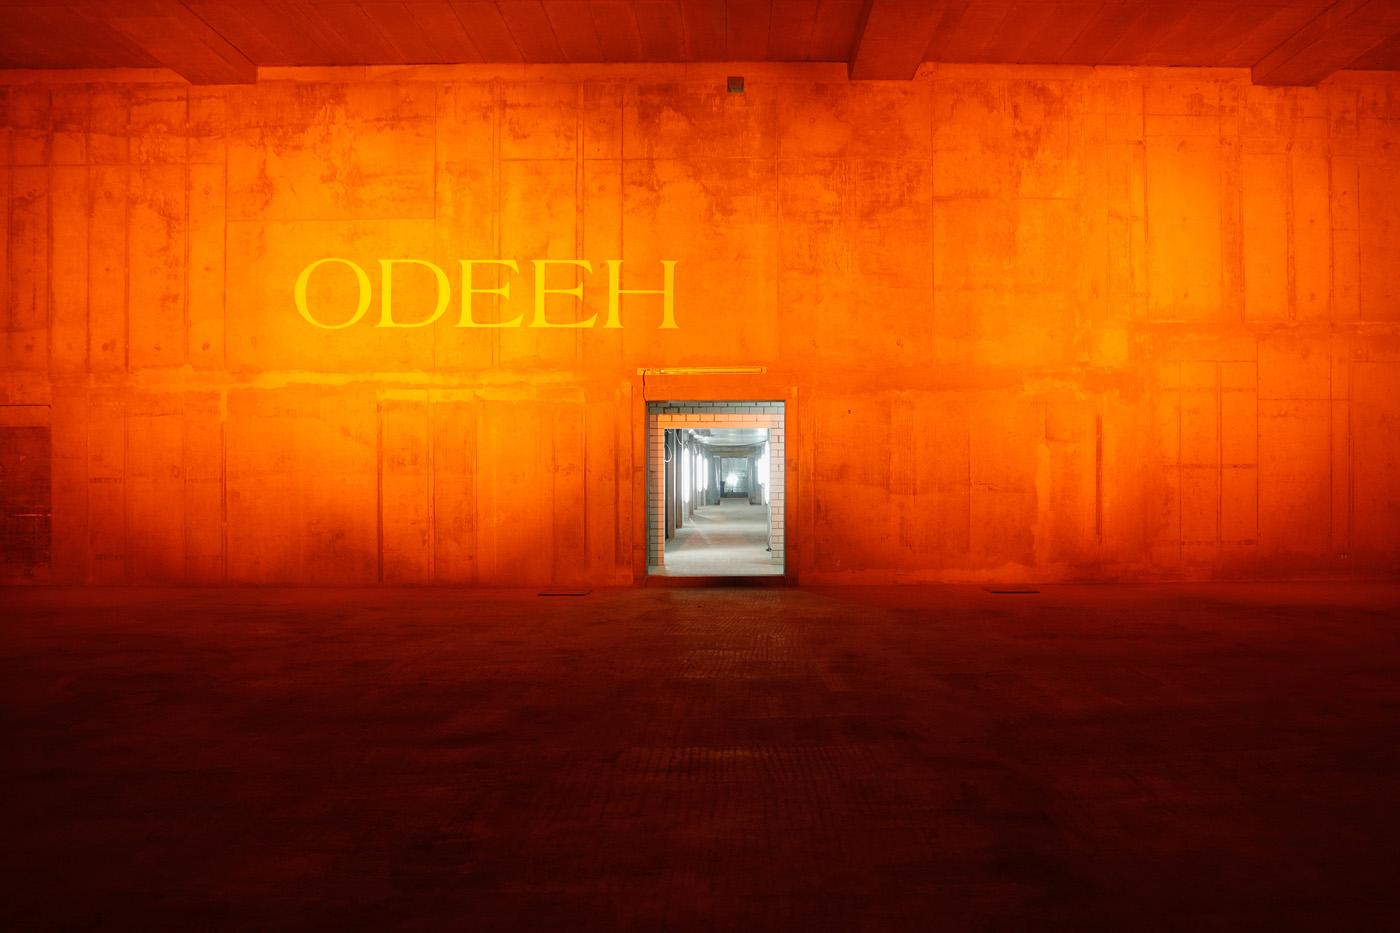 Die Location der Odeeh-Show